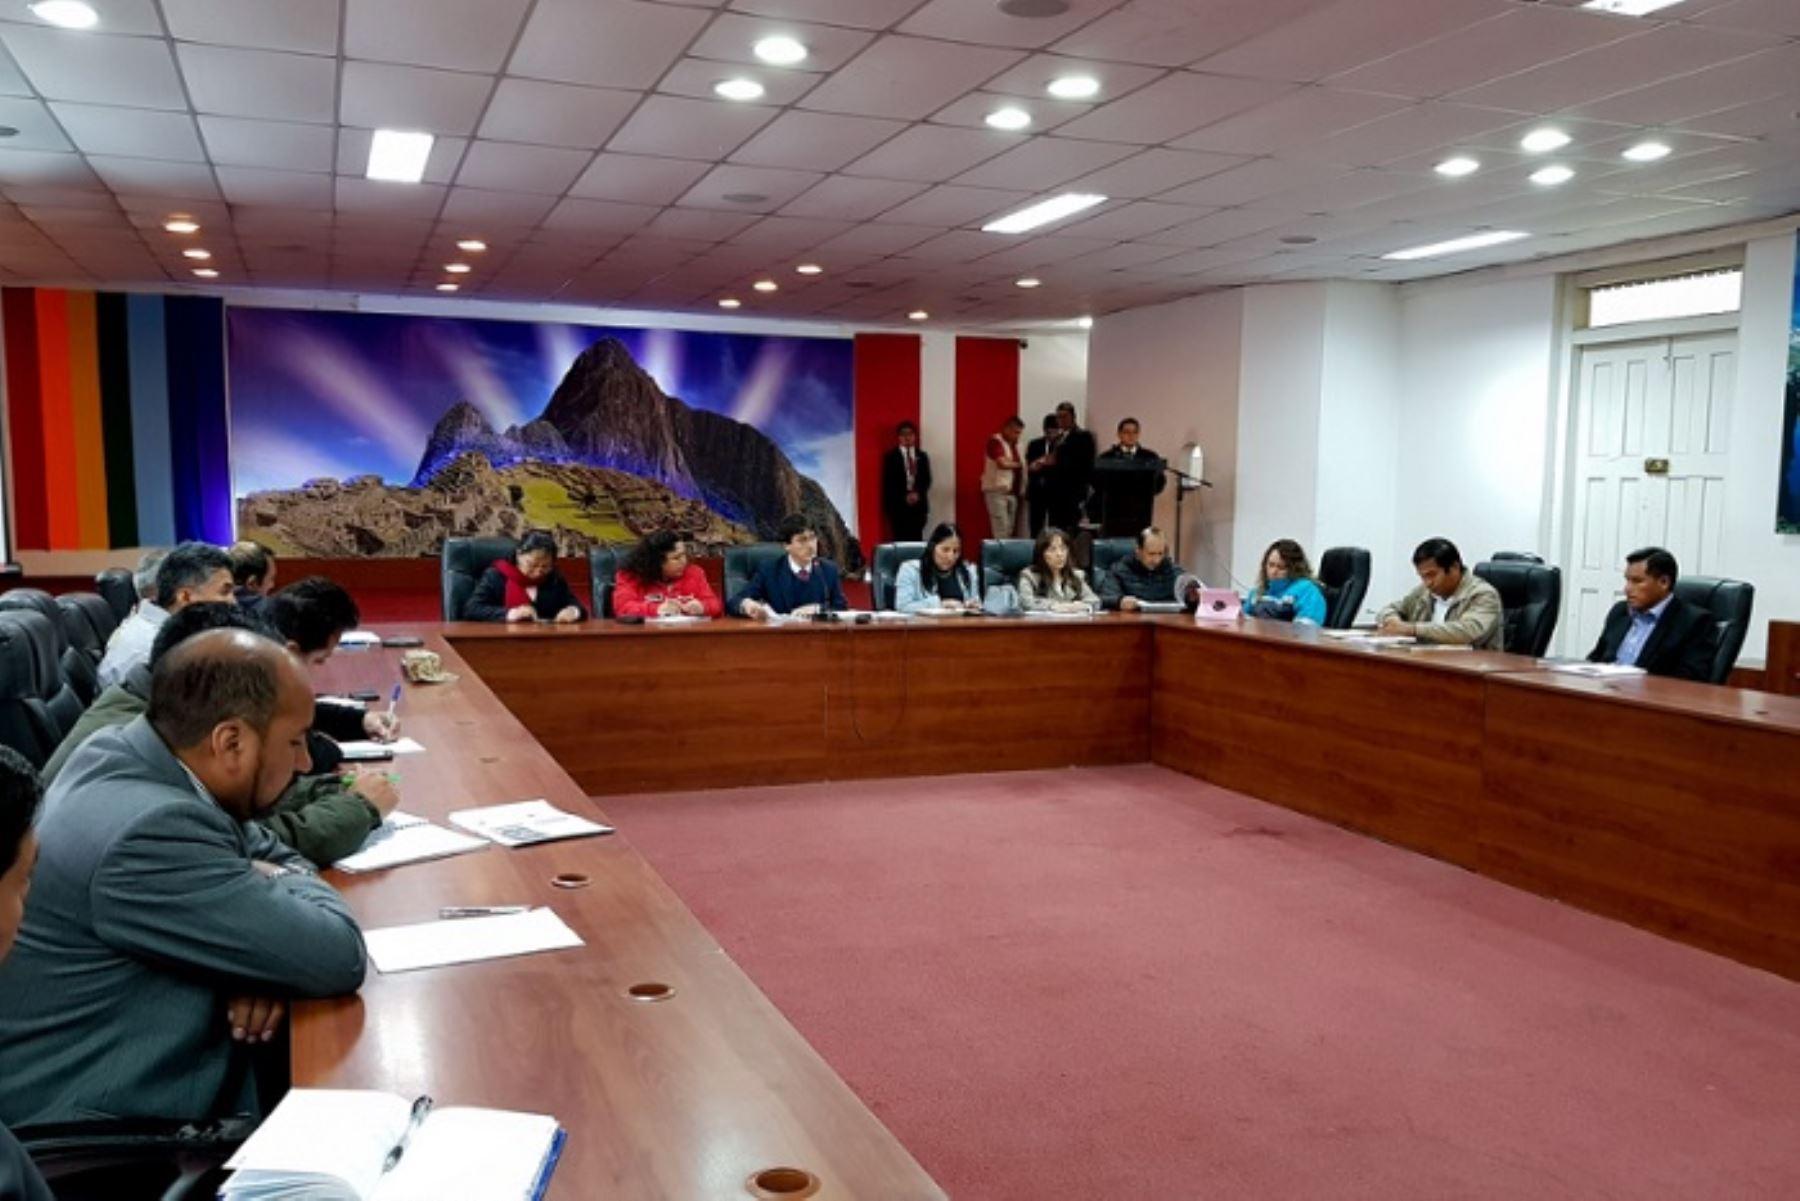 La ministra del Ambiente, Fabiola Muñoz, se reunió con las autoridades de la región Cusco a fin de evaluar y adoptar las medidas necesarias para atender a los damnificados y las zonas afectadas por la caída de huaicos, debido a las lluvias en dicha jurisdicción.